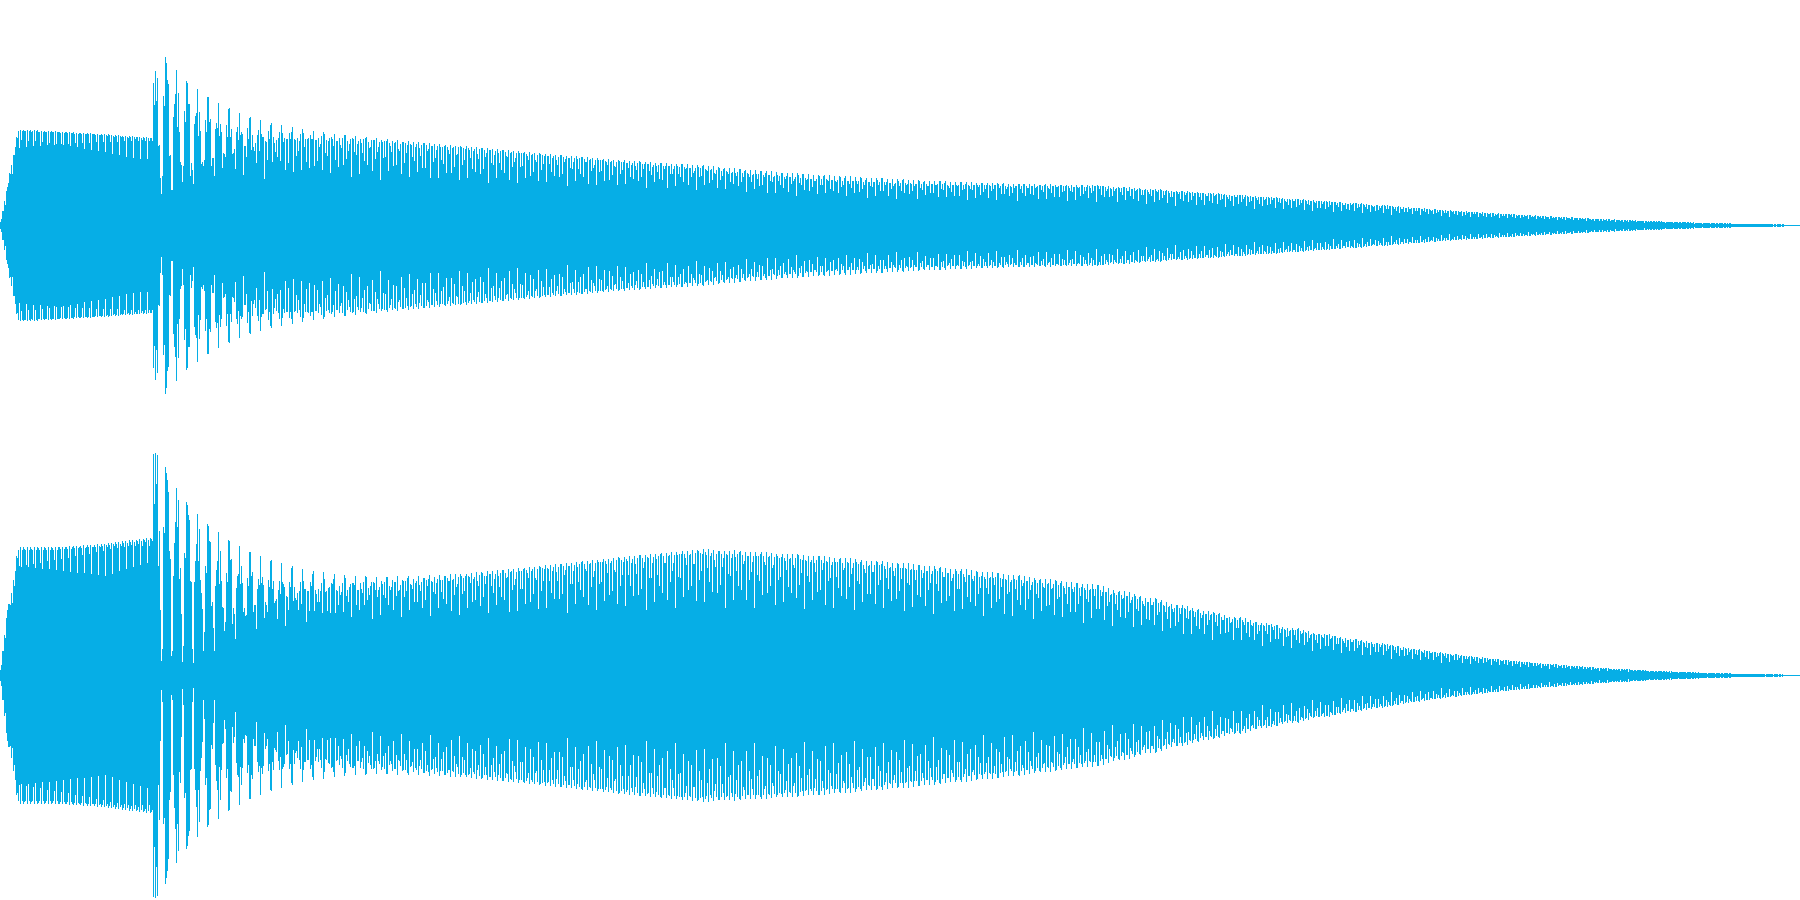 ピポン(キャンセル時の音)の再生済みの波形